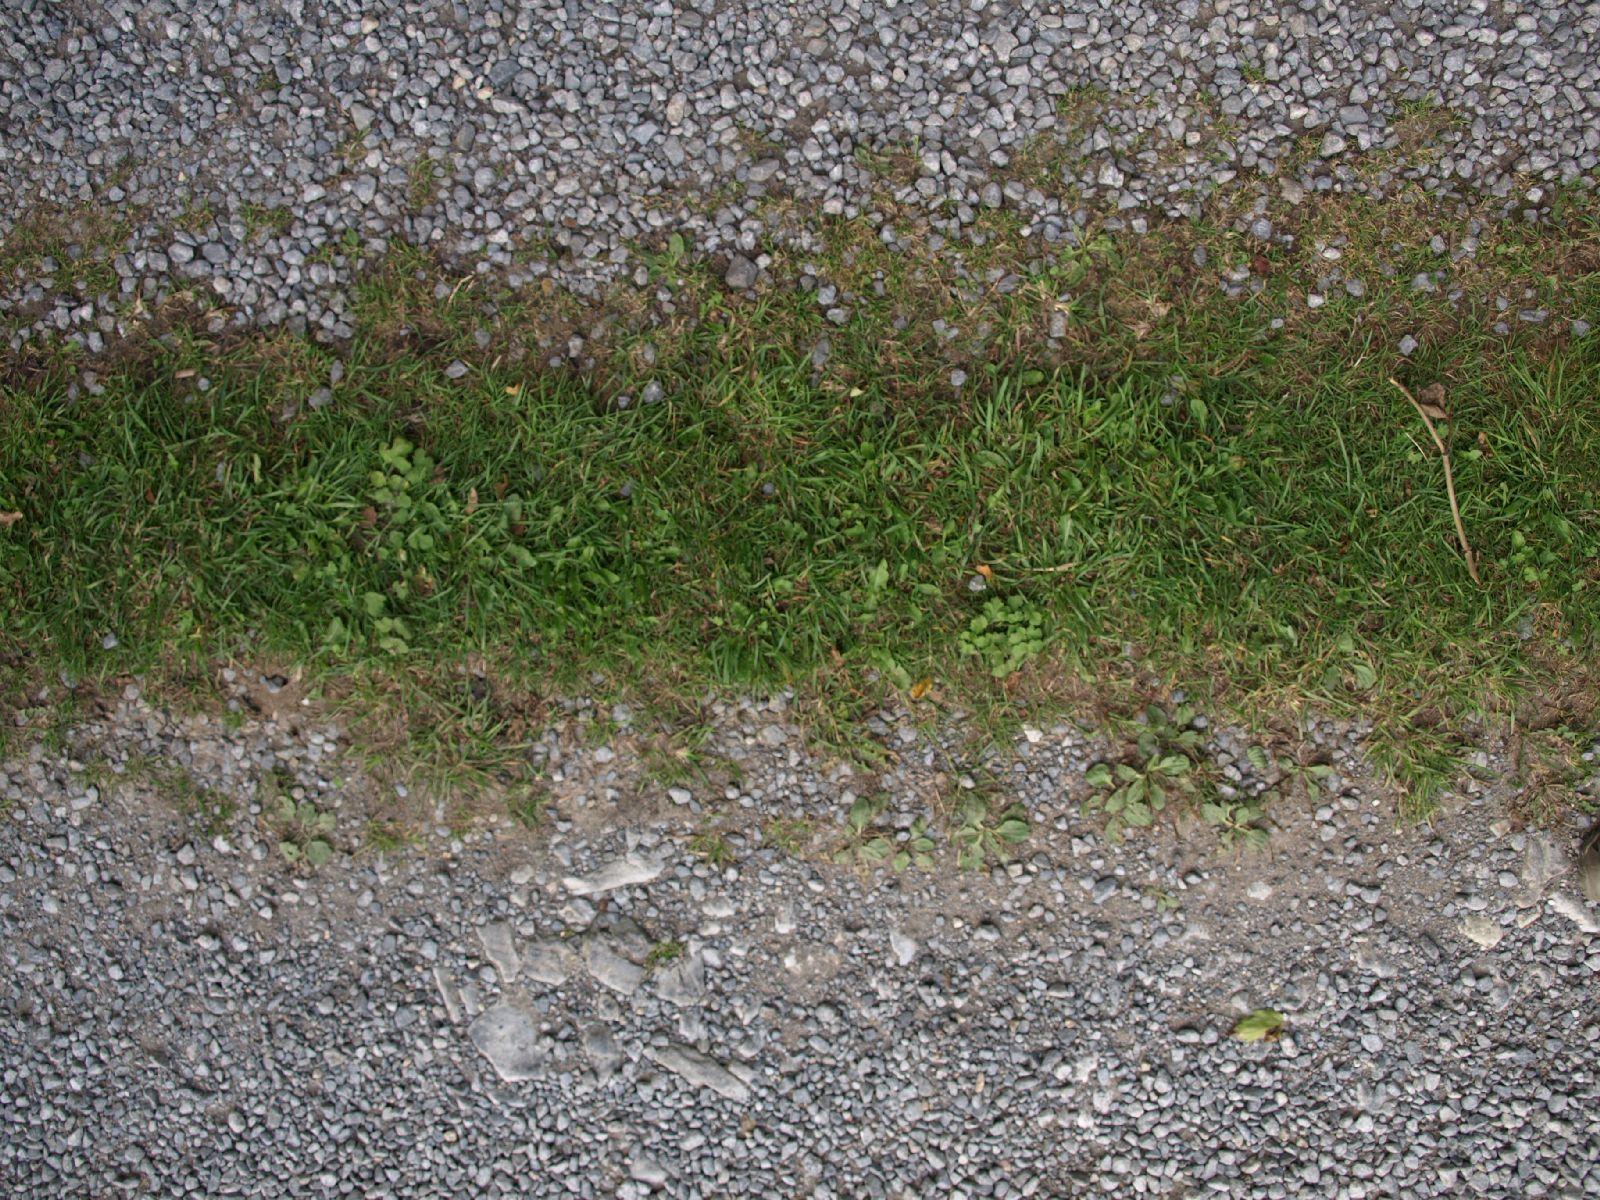 Boden-Gras-Moos-Blumen_Textur_A_P9195073